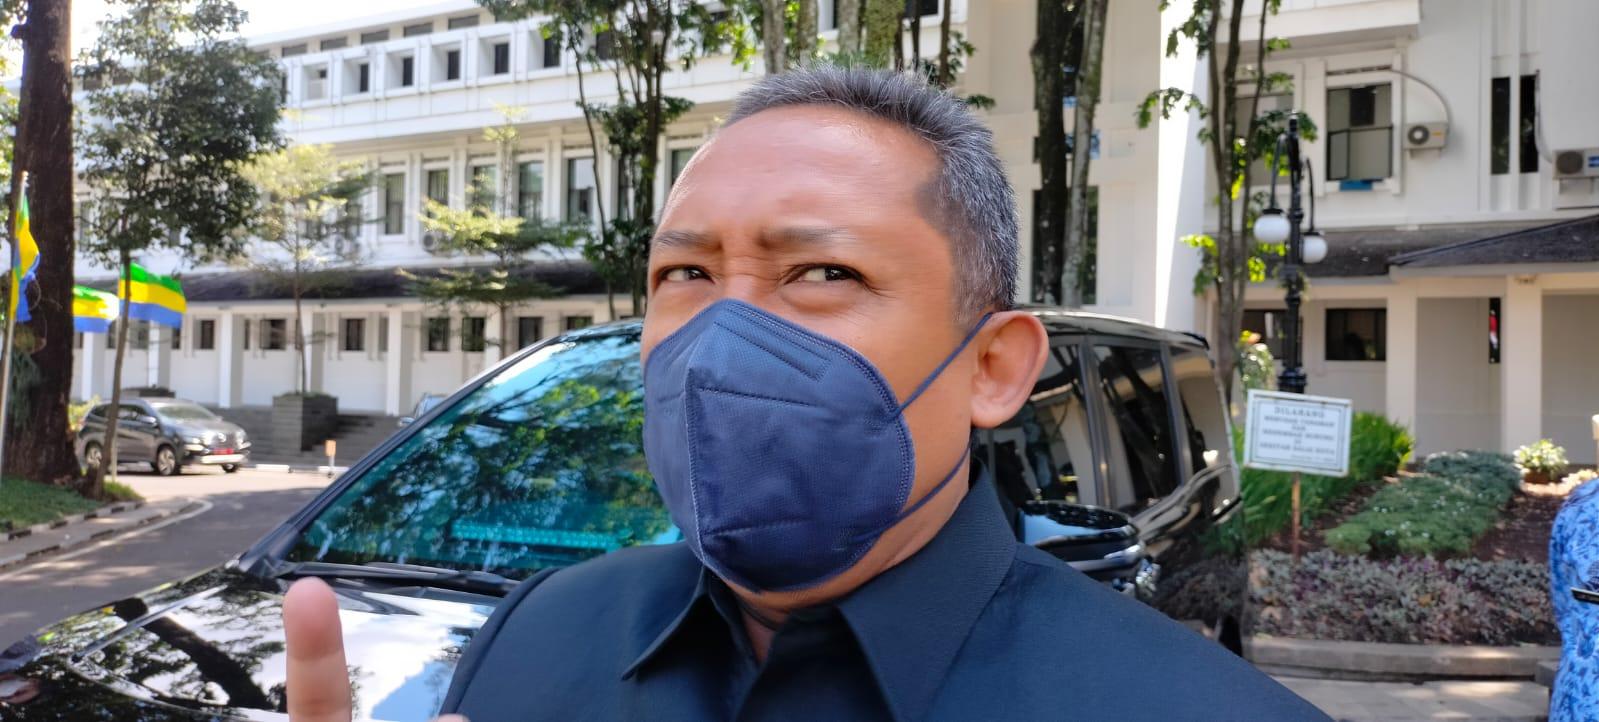 Dok. Wakil Wali Kota Bandung, Yana Mulyana. Jum'at (17/9).